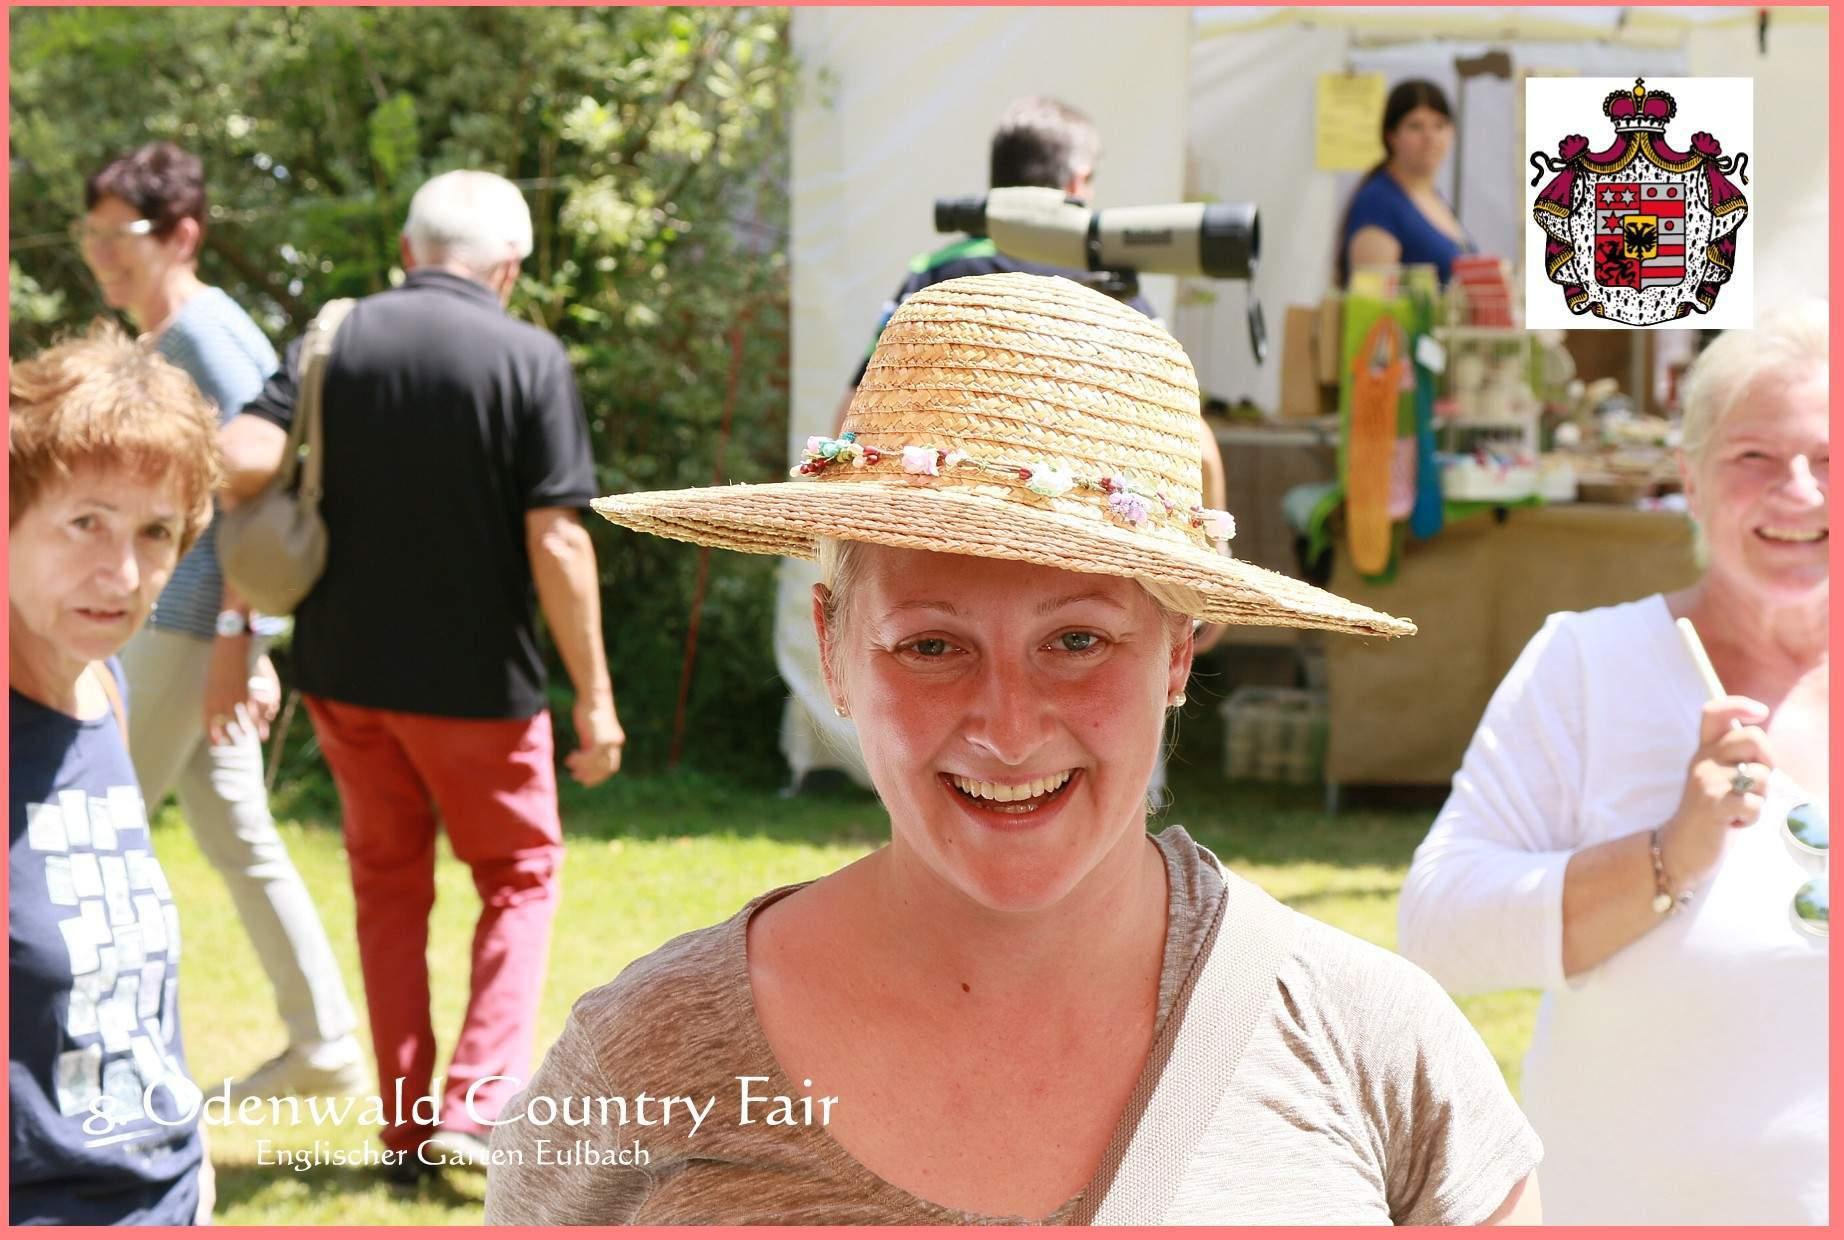 englischer garten eulbach elegant 11 odenwald country fair vom 11 bis 14 juni 2020 of englischer garten eulbach